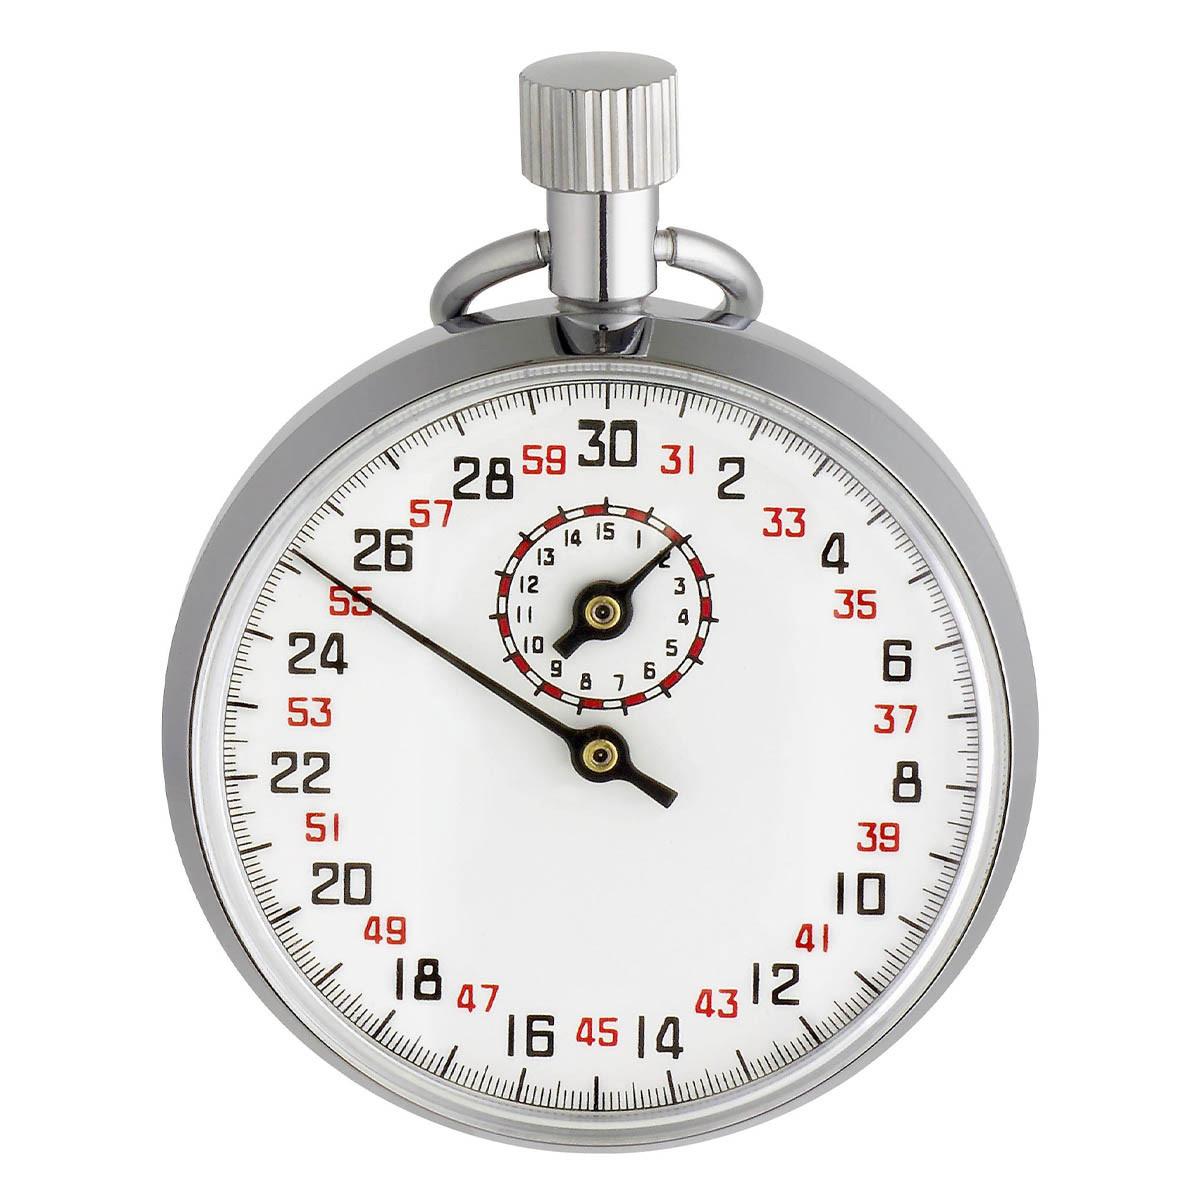 38-1021-mechanische-stoppuhr-ansicht-1200x1200px.jpg